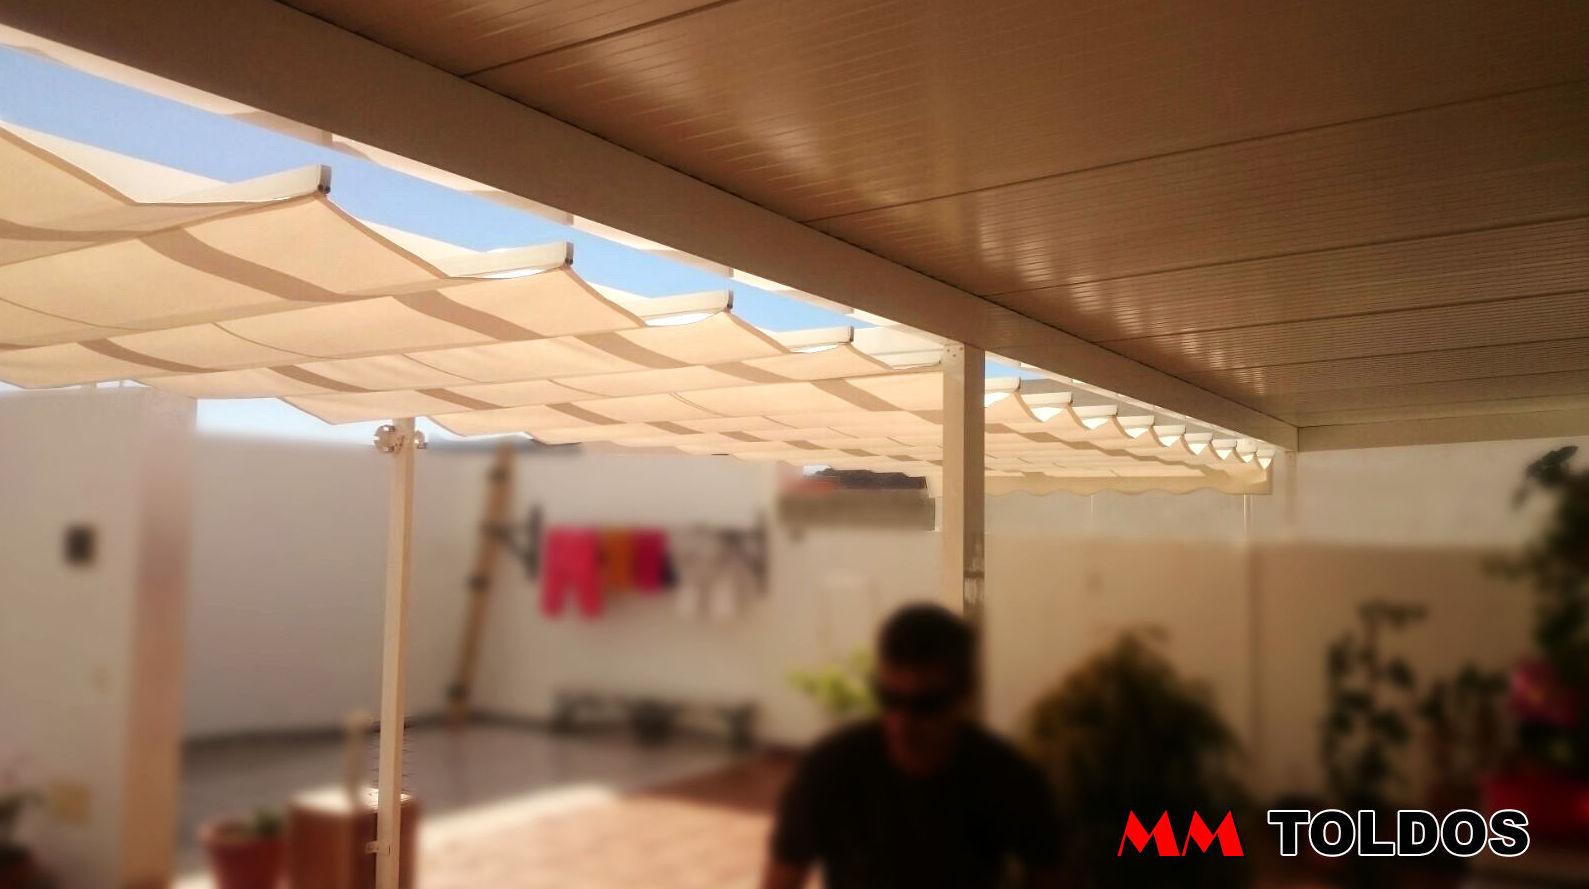 Foto 8 de Toldos y pérgolas en Arona   MM Toldos